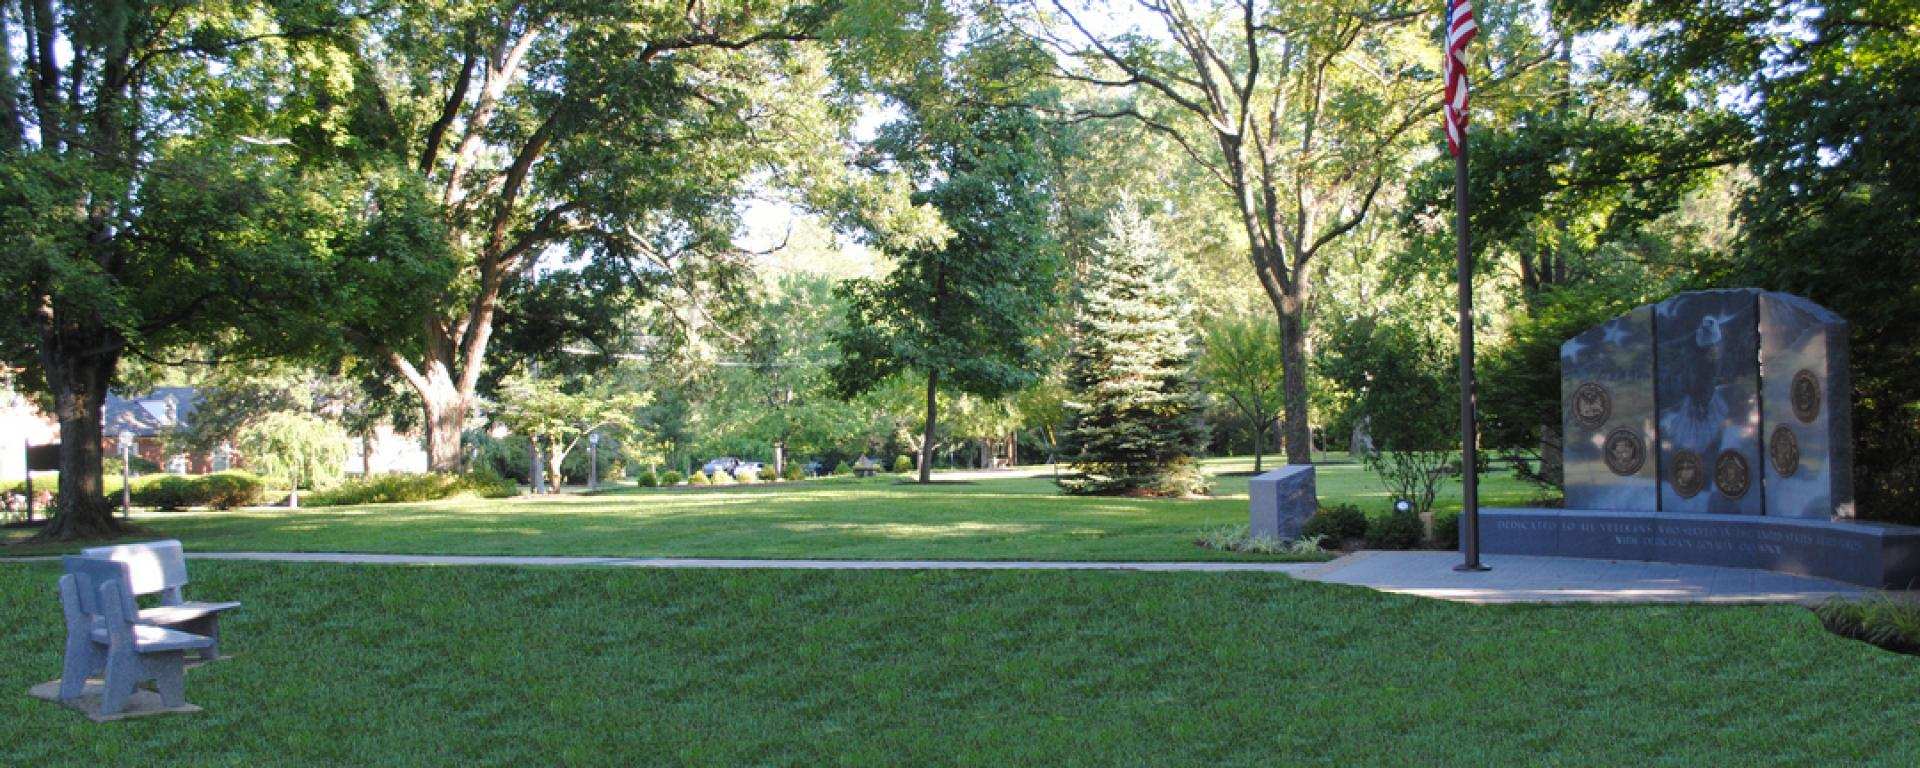 Yard view of Indian Hill Veteran's Memorial